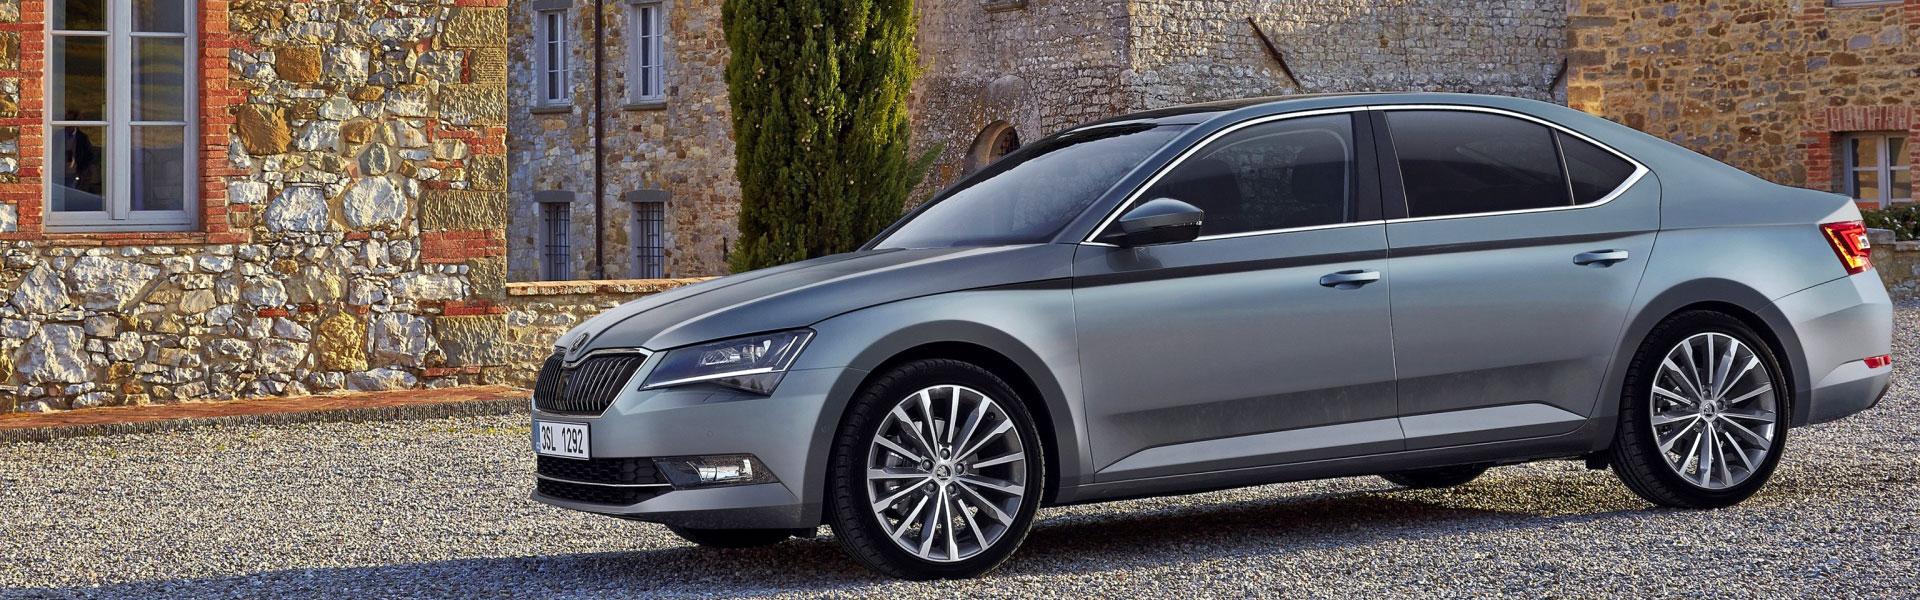 Νέα & Events Audi, Volkswagen, Skoda